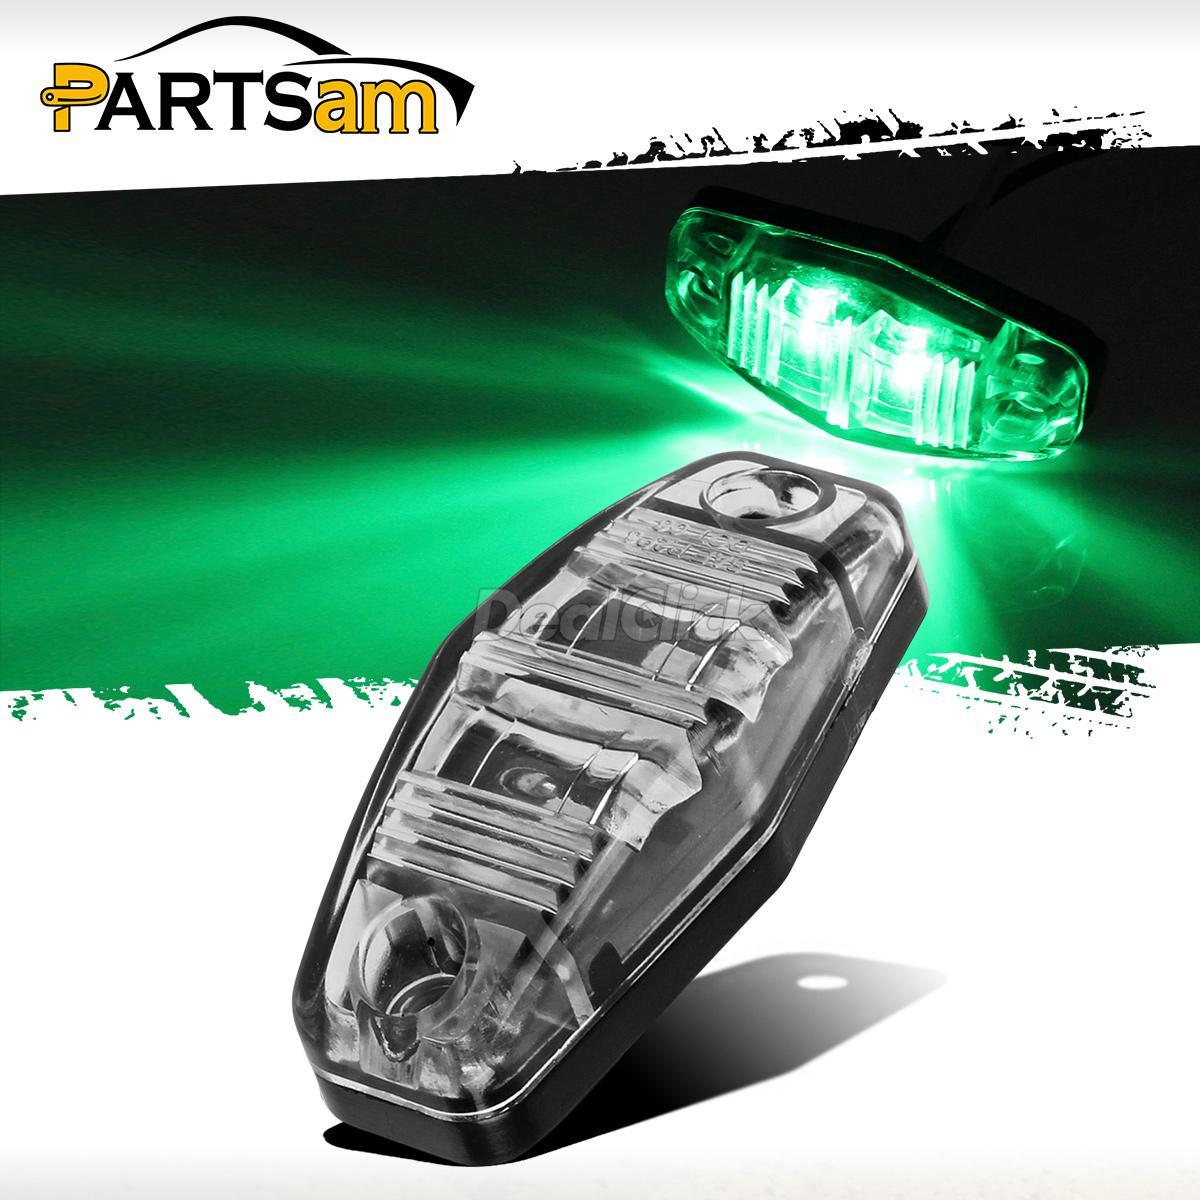 Clear Lens Green Car Marker Light Truck Clearance Lights